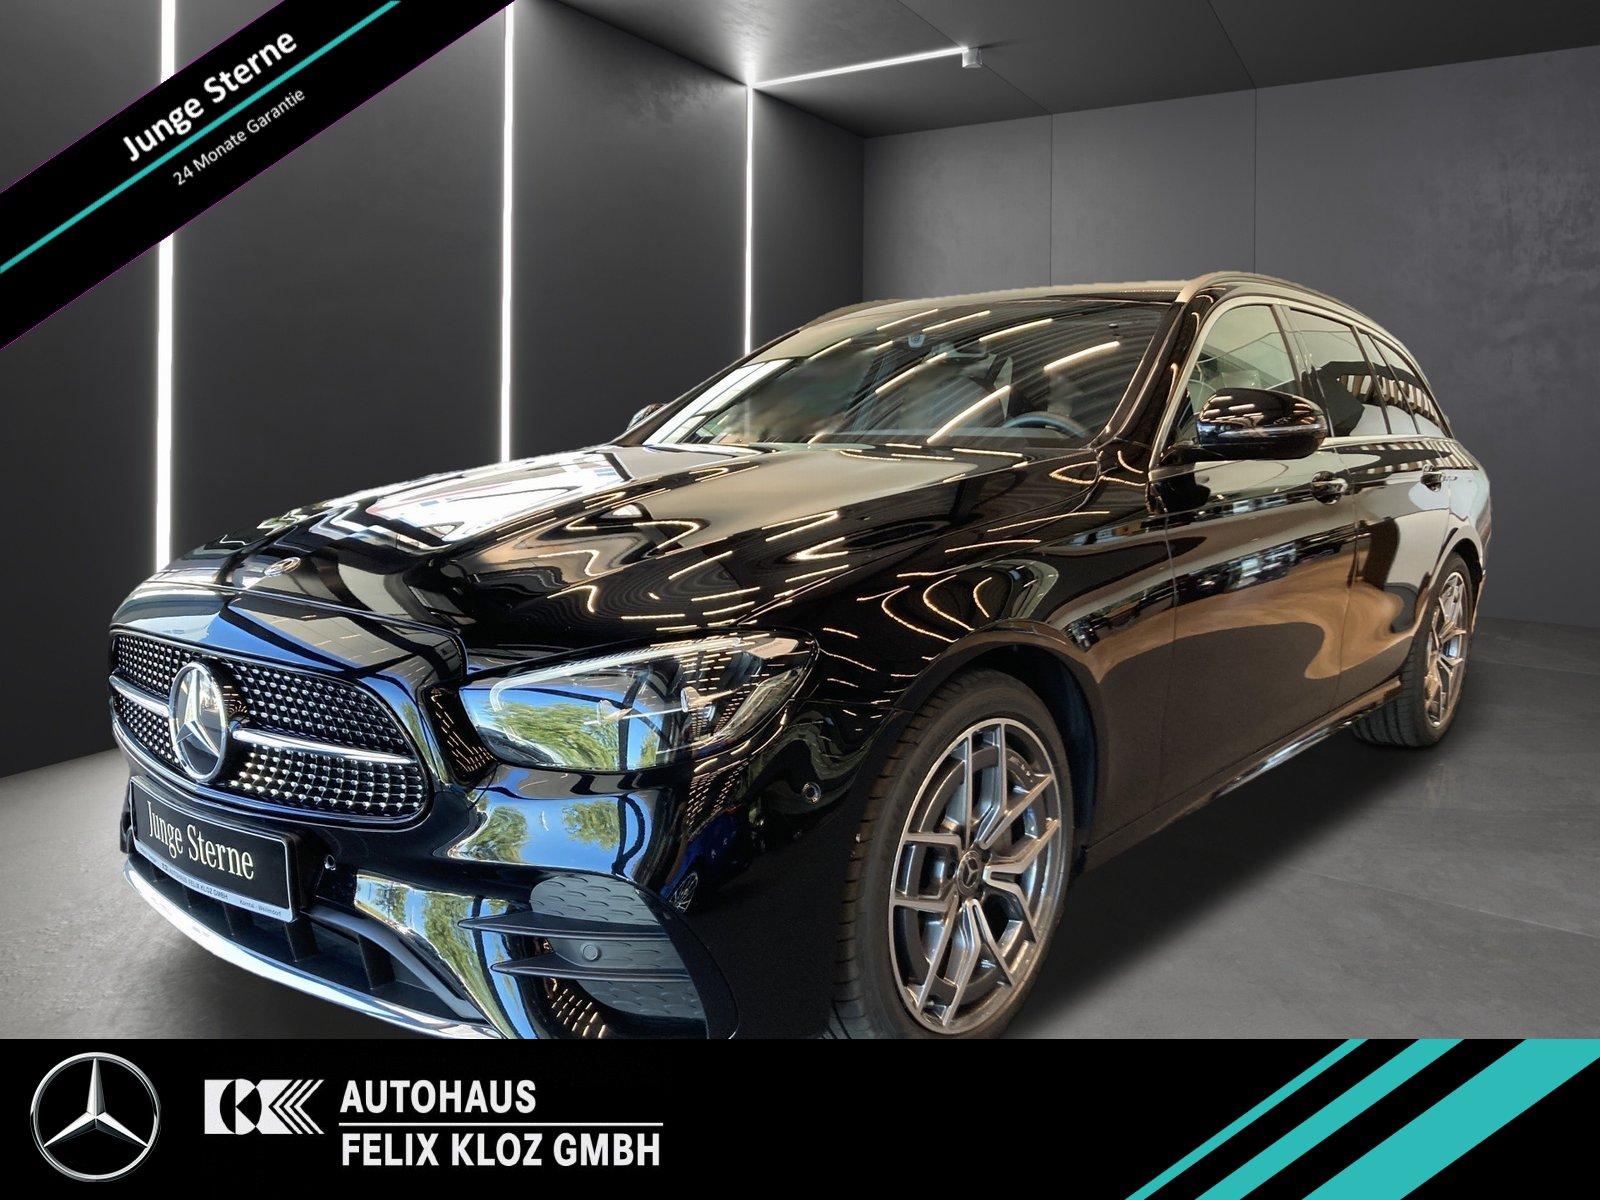 Mercedes-Benz E 200 T 4M AMG*AHK*Totwinkel*Kamera*Schiebedach, Jahr 2020, Benzin